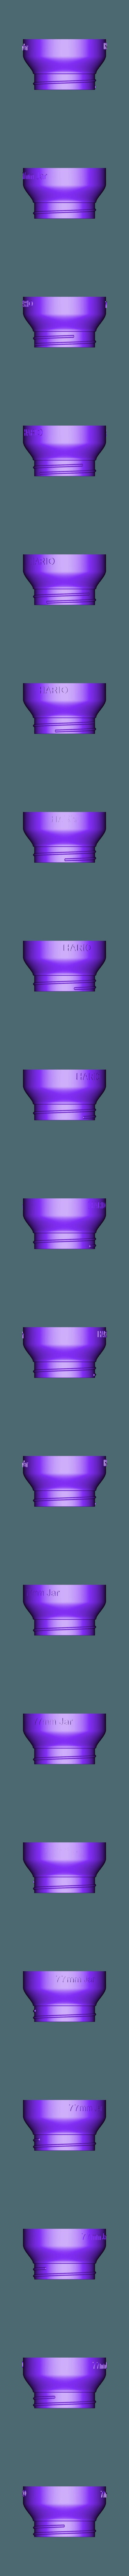 Skerton-Jar77.stl Télécharger fichier STL gratuit Adaptateur Hario-Pot • Objet imprimable en 3D, Barbe_Iturique